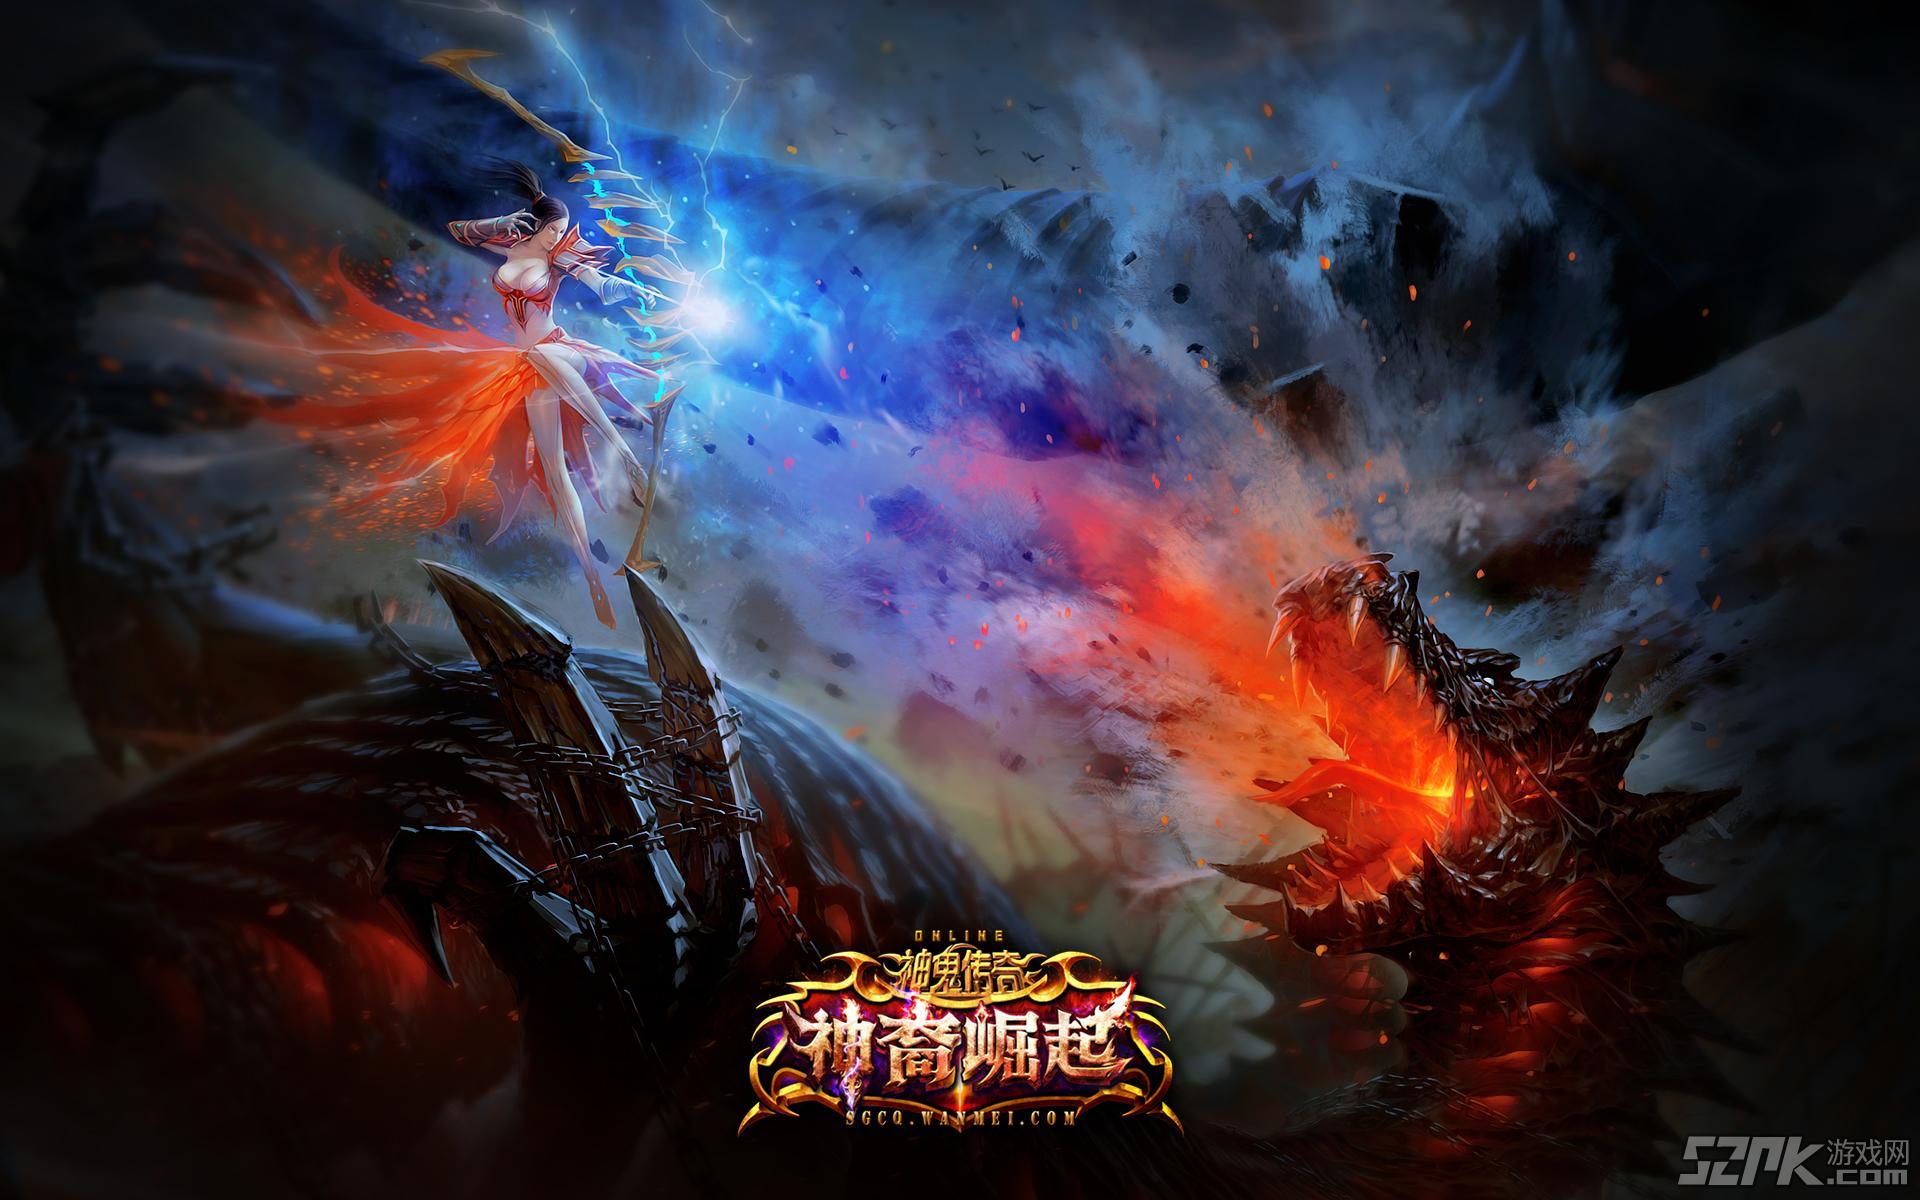 神鬼传奇神裔崛起 首部游戏电影震撼首发